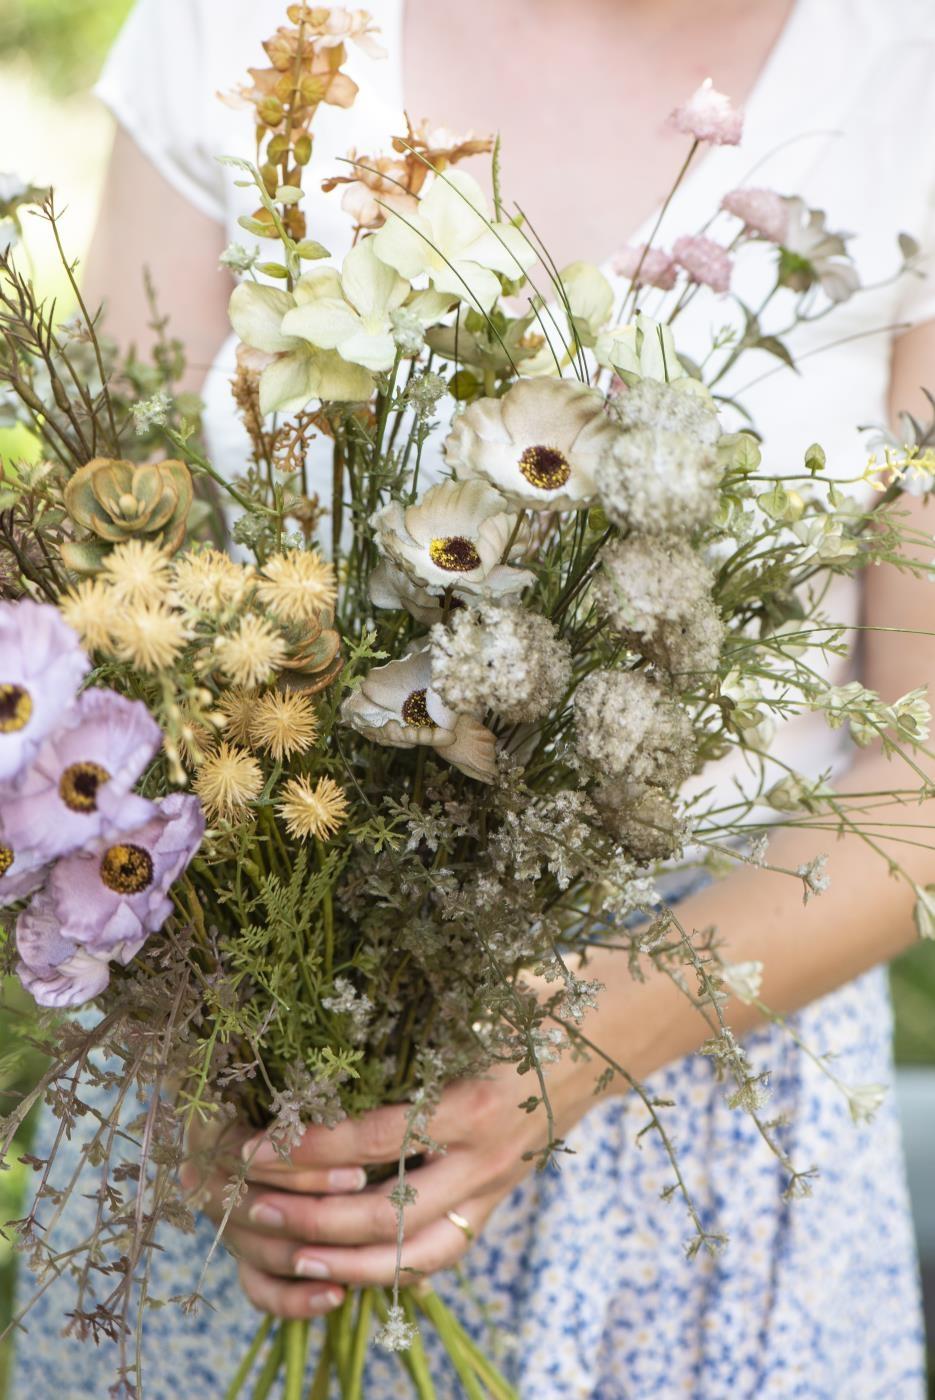 Il giardino, i cachepot, i fiori, il bamboo